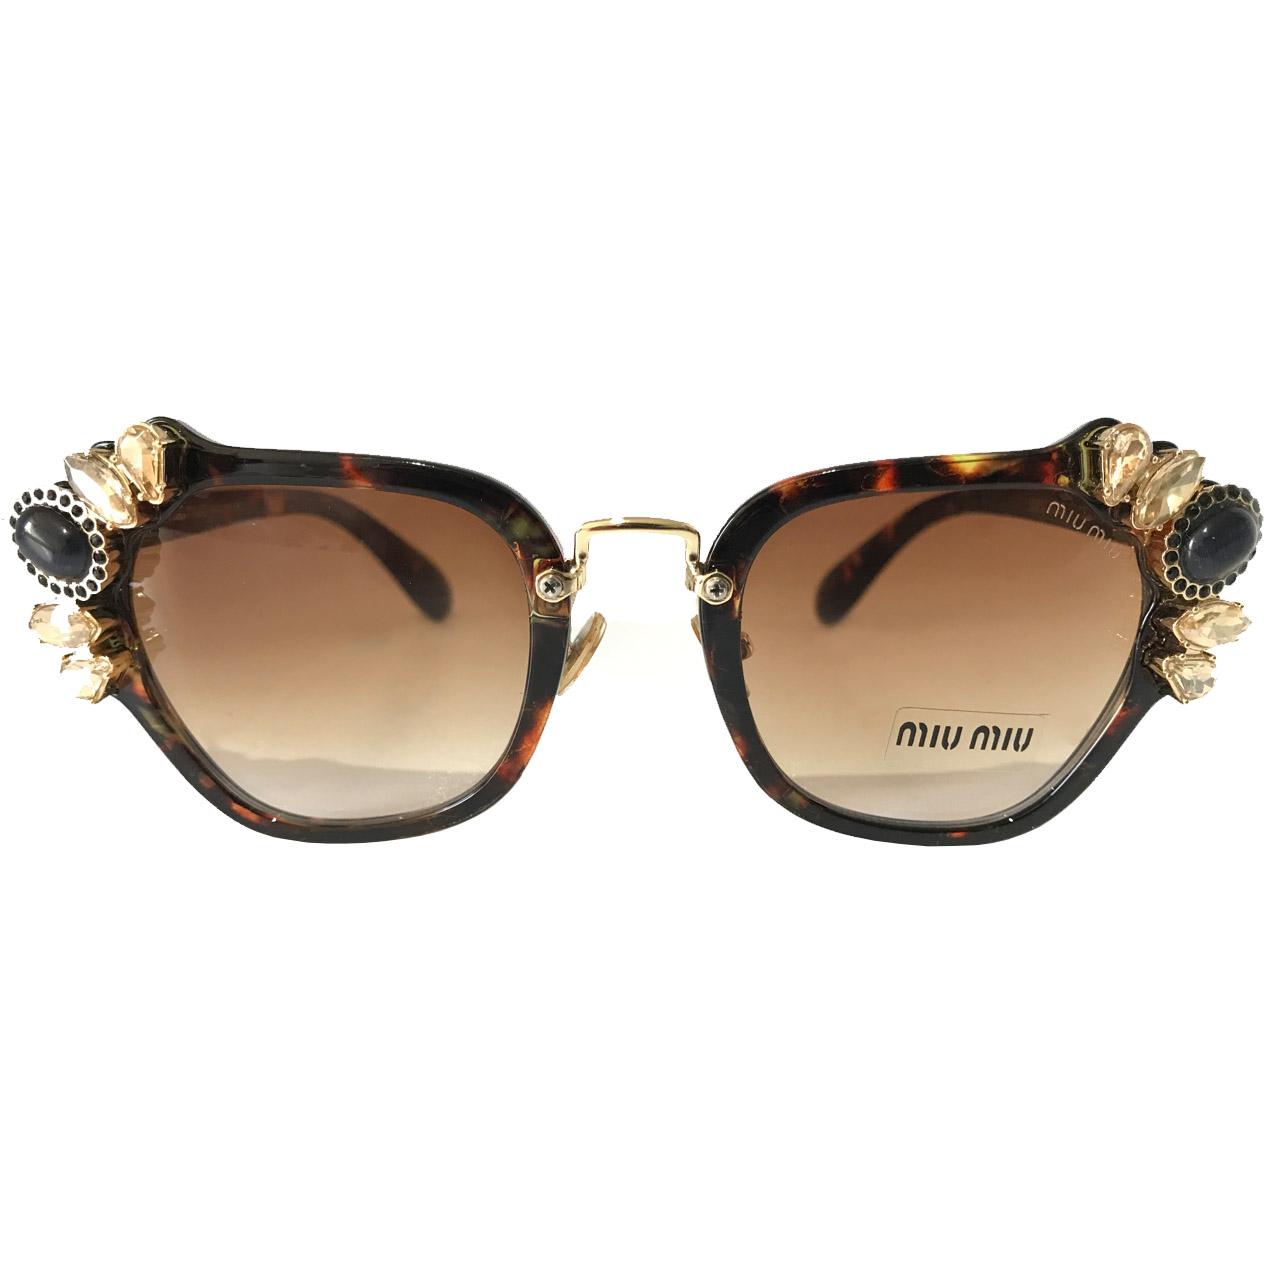 عکس عینک آفتابی زنانه میومیو مدل SMU03/S-1 به همراه جاسوییچی چرم طبیعی طرح کفش هدیه